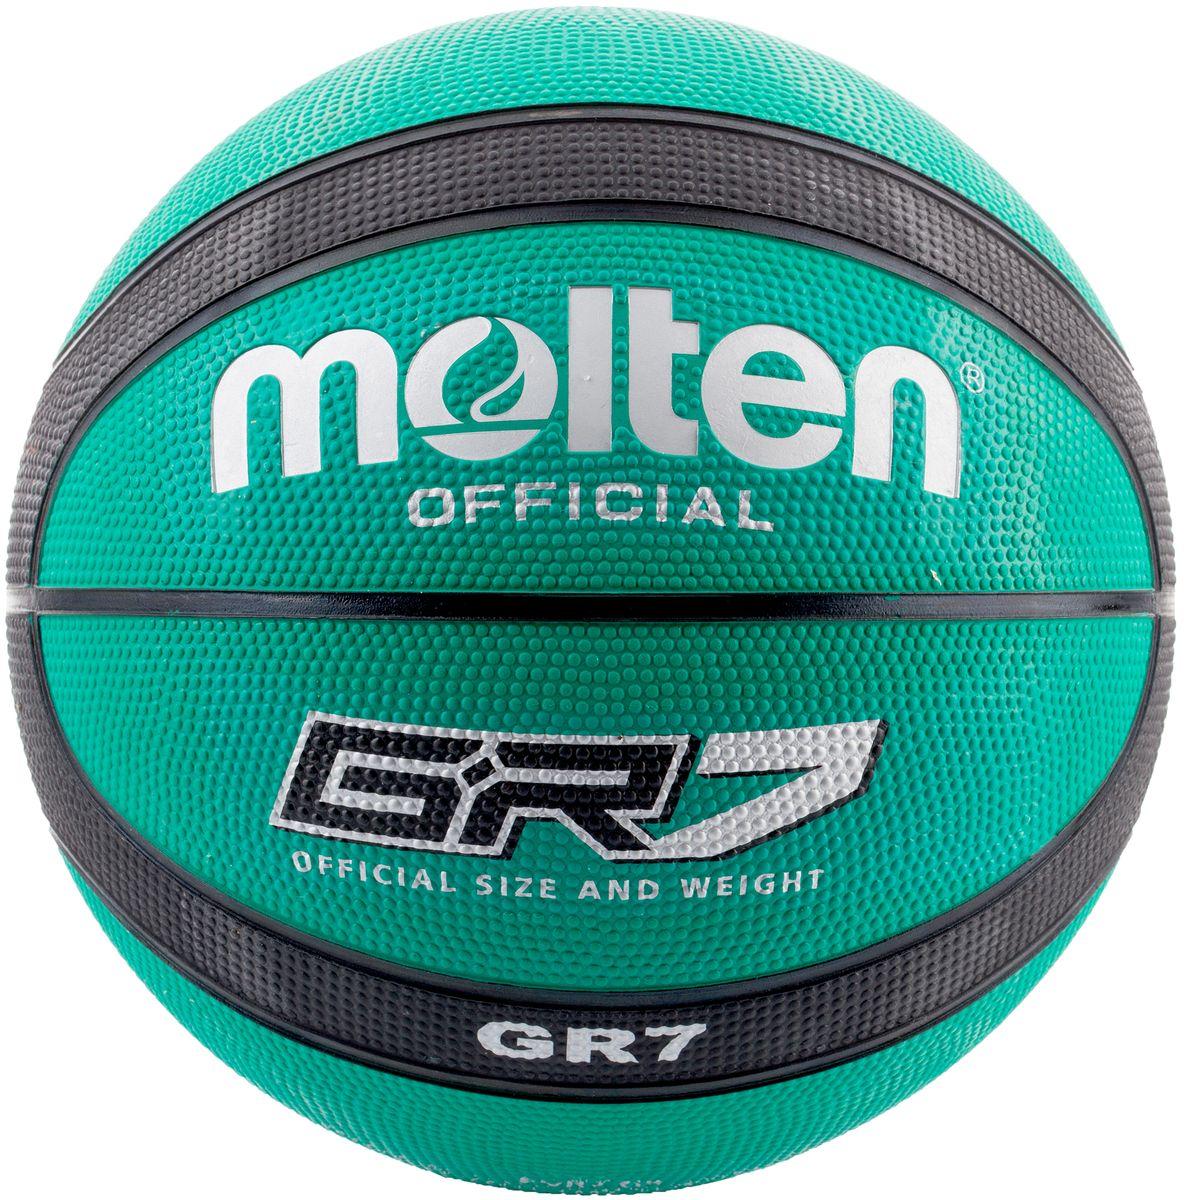 Мяч баскетбольный Molten. Размер 7. BGR7-GKBGR7-GKБаскетбольный мяч Molten предназначен для игр на площадках. Выполнен из износостойкой резины. Имеет нейлоновую обмотку камеры.У мяча клееный тип соединения панелей.